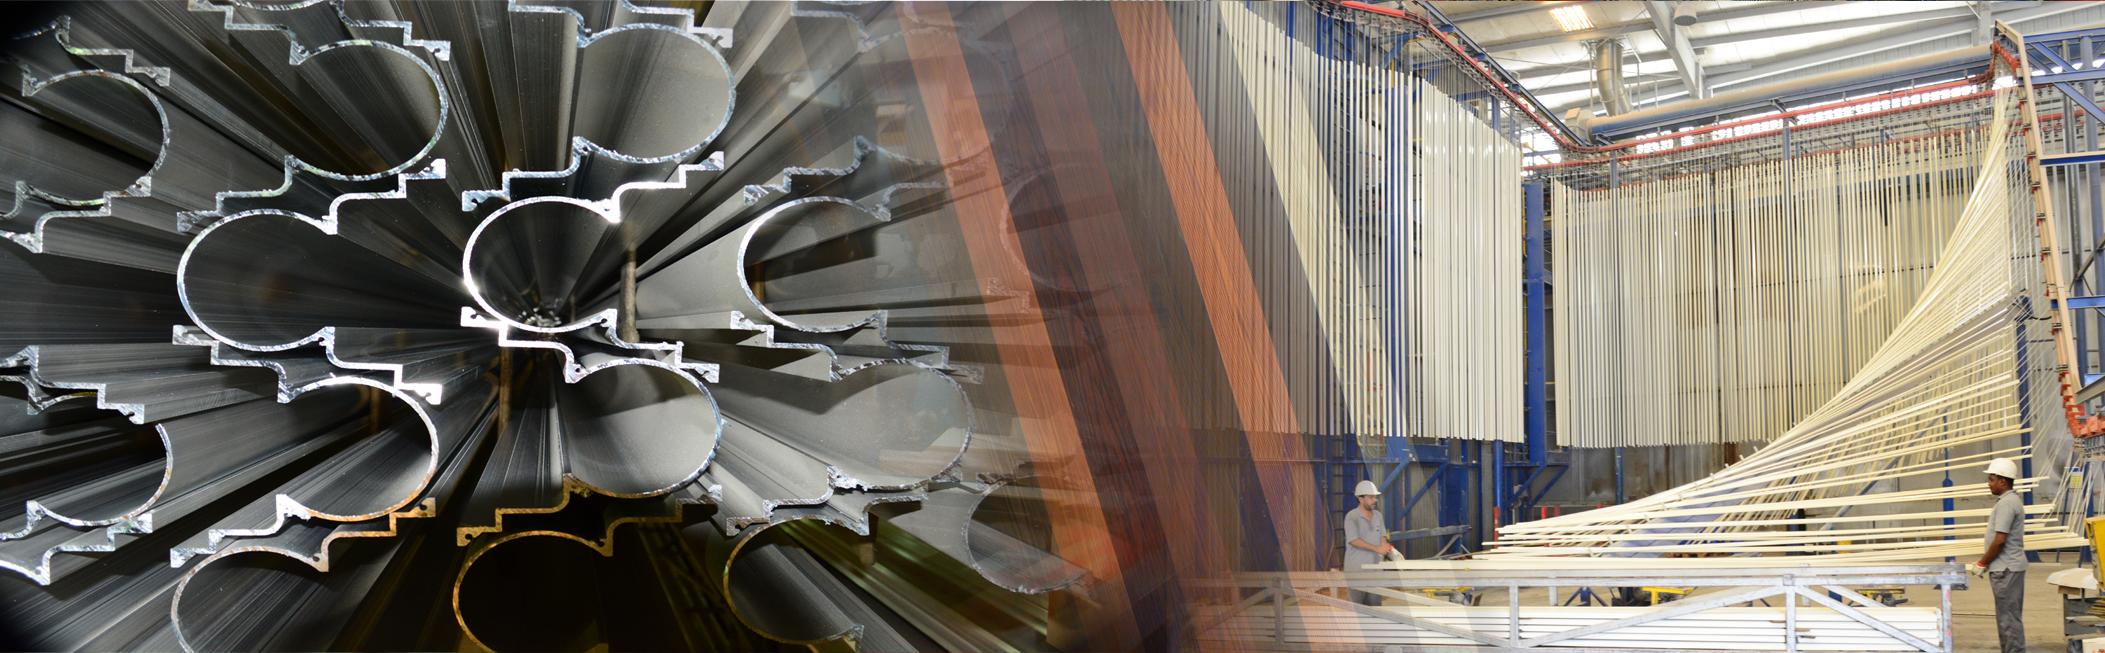 Aluminium Products Company (ALUPCO)